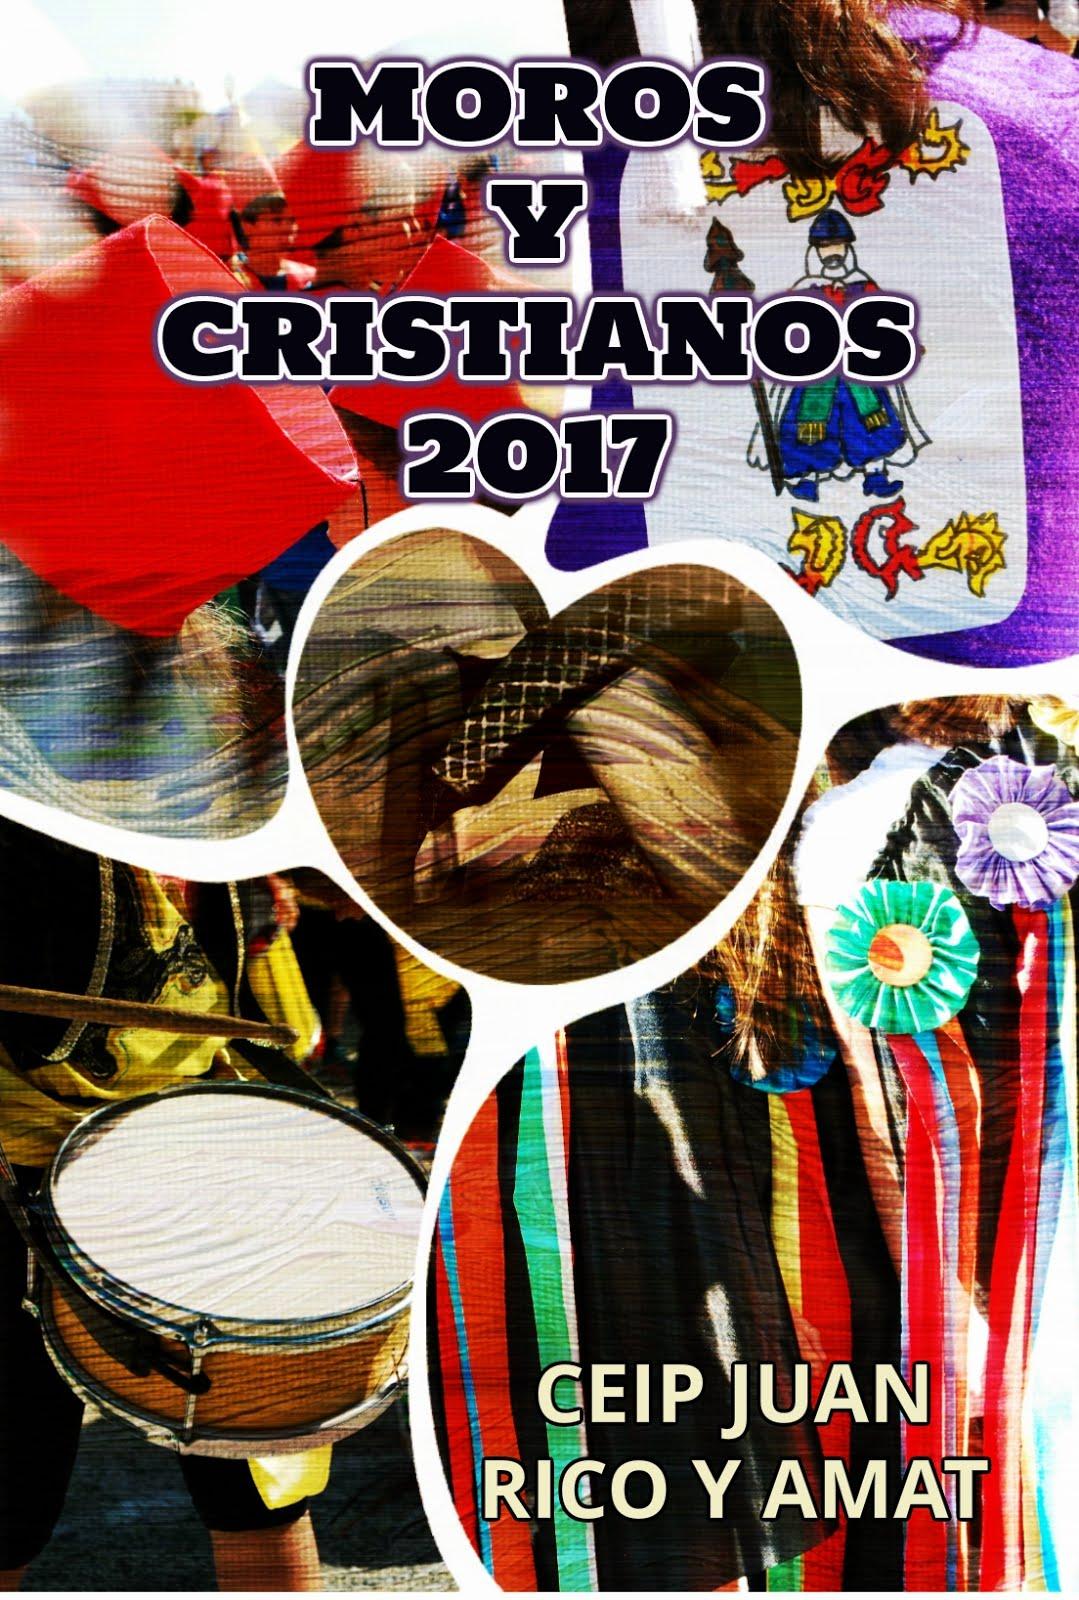 PRÓXIMAMENTE MOROS Y CRISTIANOS 2017